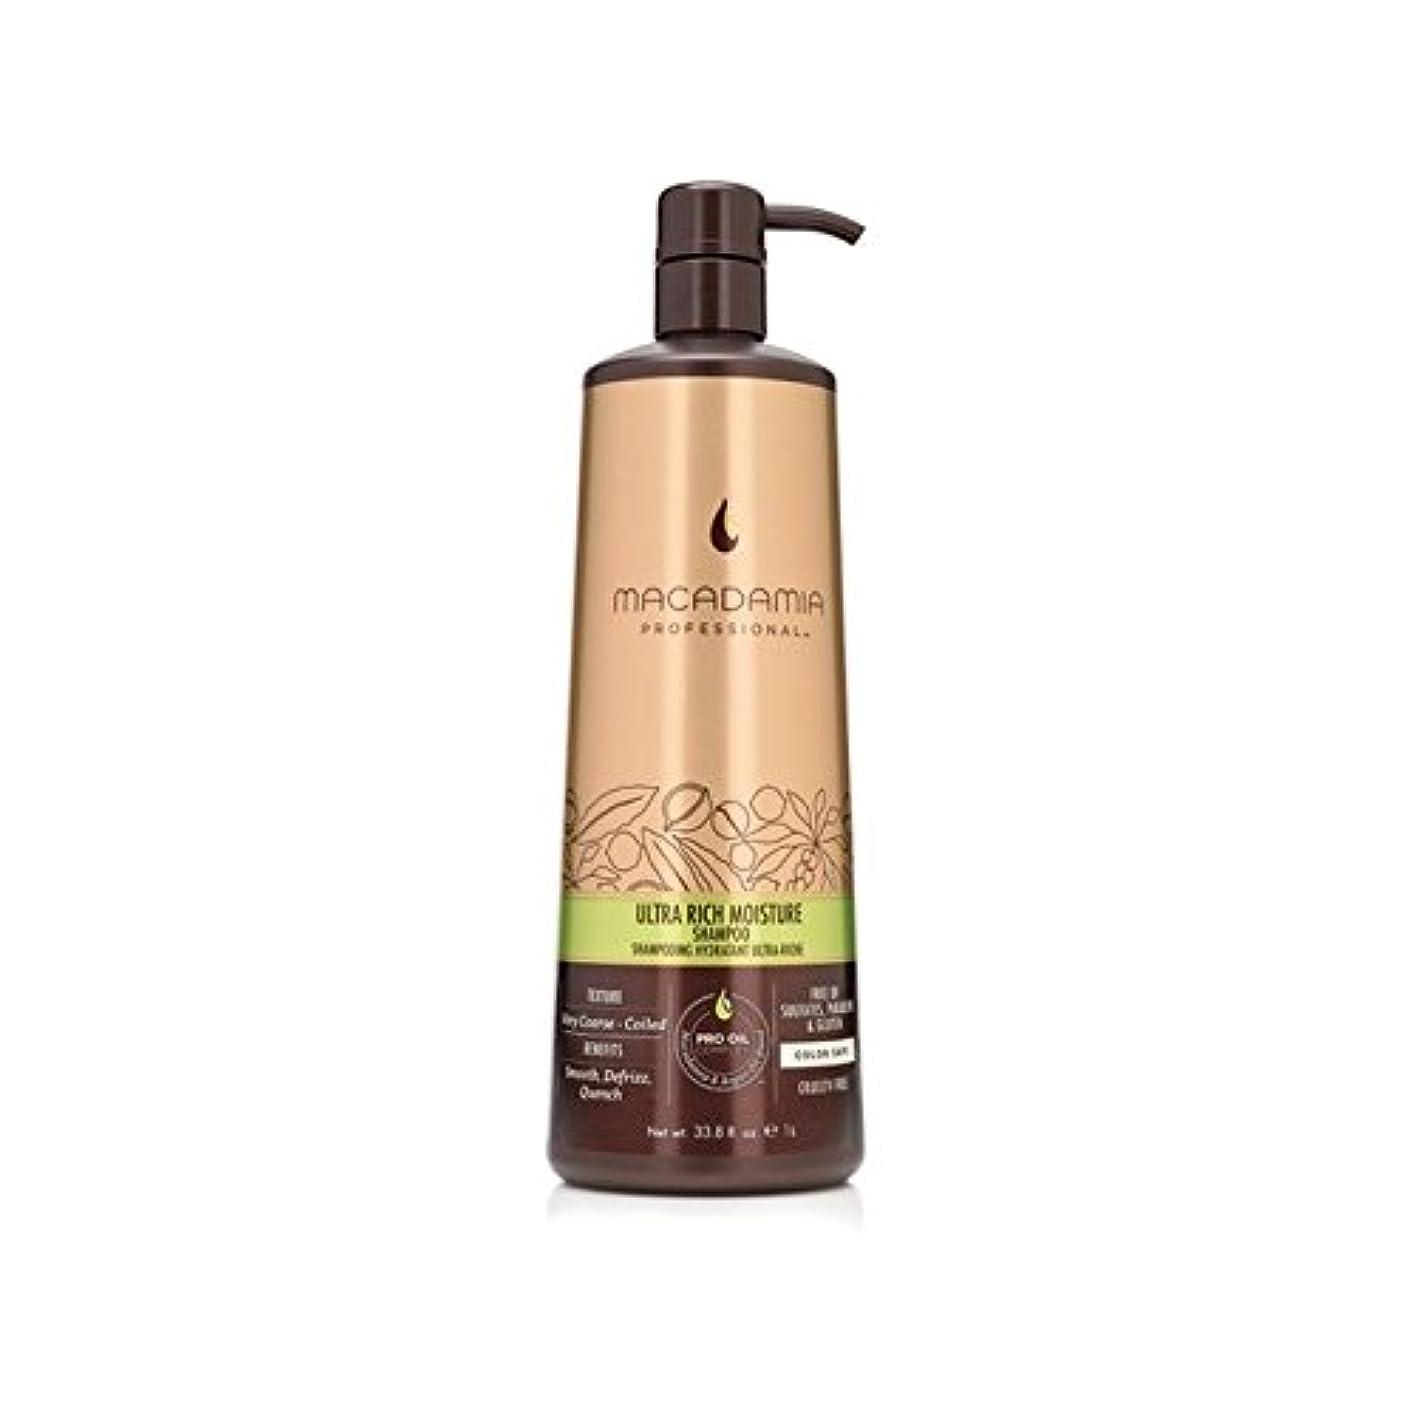 ナビゲーションスペシャリスト主婦マカダミア超豊富な水分シャンプー(千ミリリットル) x4 - Macadamia Ultra Rich Moisture Shampoo (1000ml) (Pack of 4) [並行輸入品]